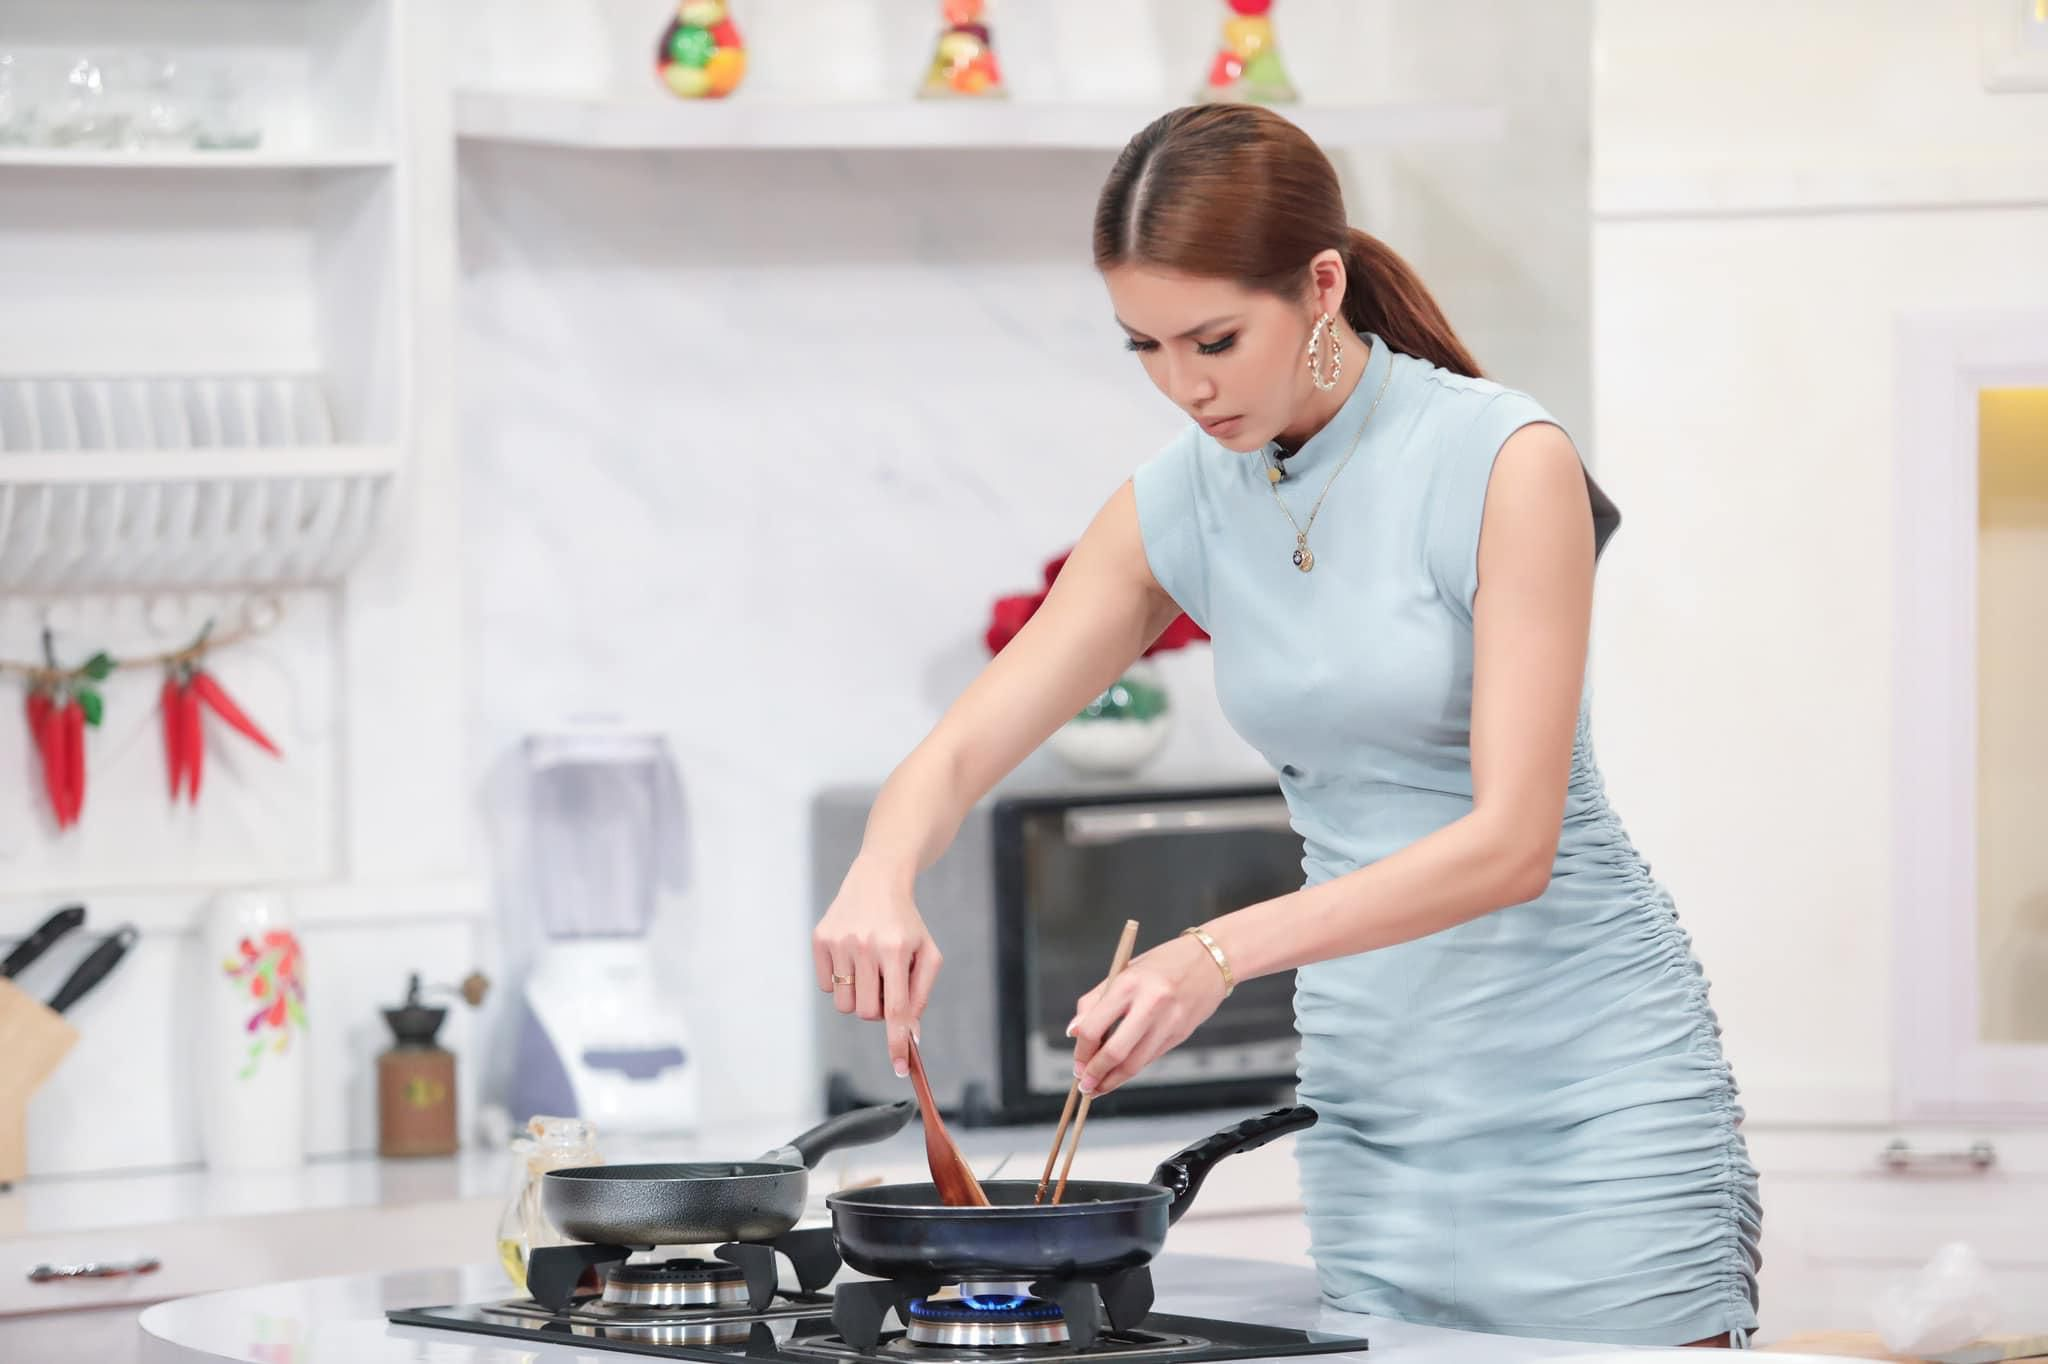 'Nữ hoàng gợi cảm' Minh Tú: Làm đầu bếp cũng phải nóng bỏng như thế này mới chịu! Ảnh 6